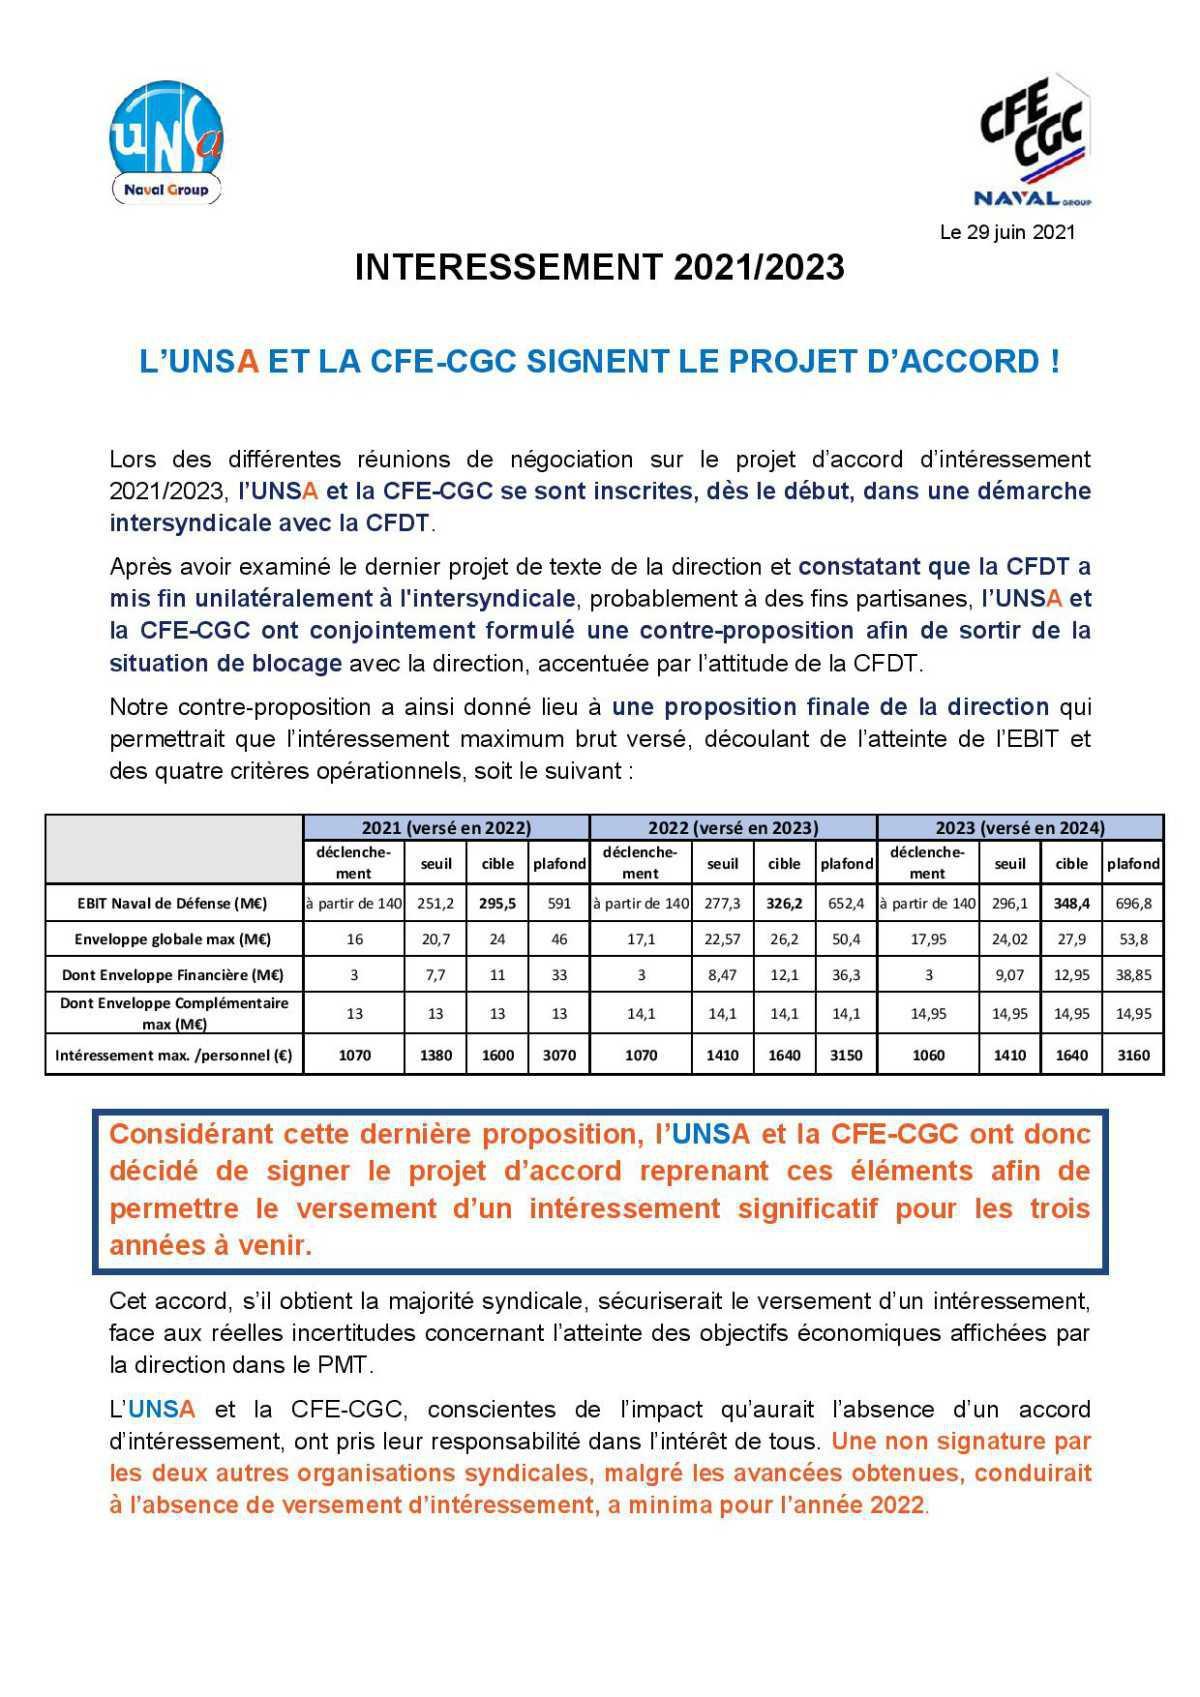 L'UNSA ET LA CFE-CGC SIGNENT LE PROJET D'ACCORD !